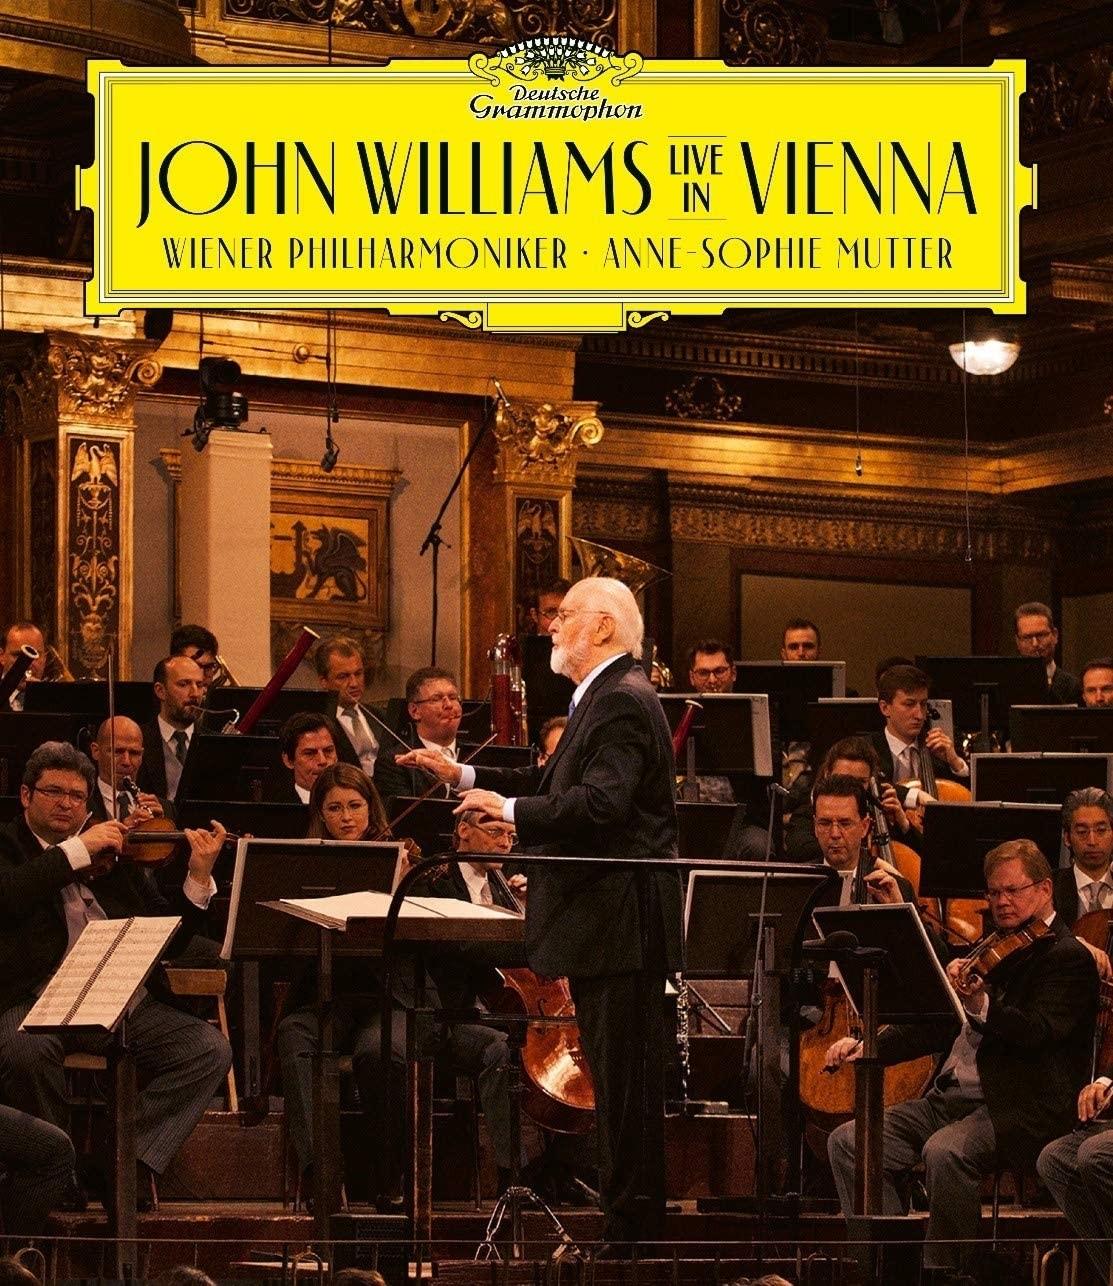 John Williams in Vienna - wydanie BD